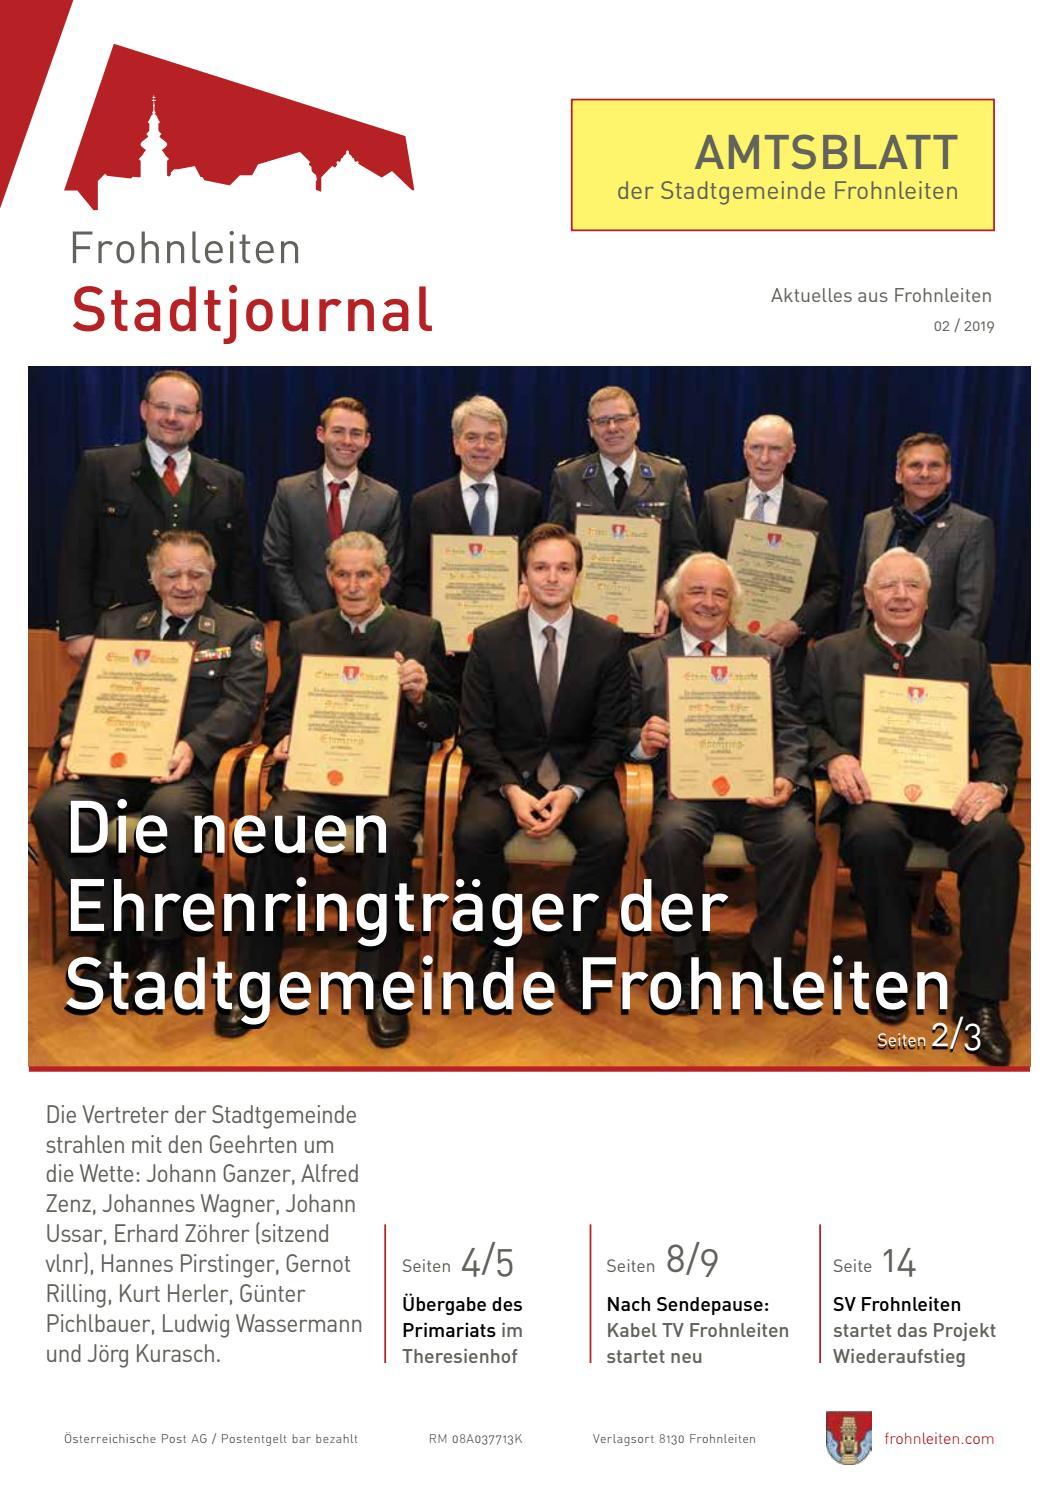 Unterwegs in Frohnleiten | huggology.com